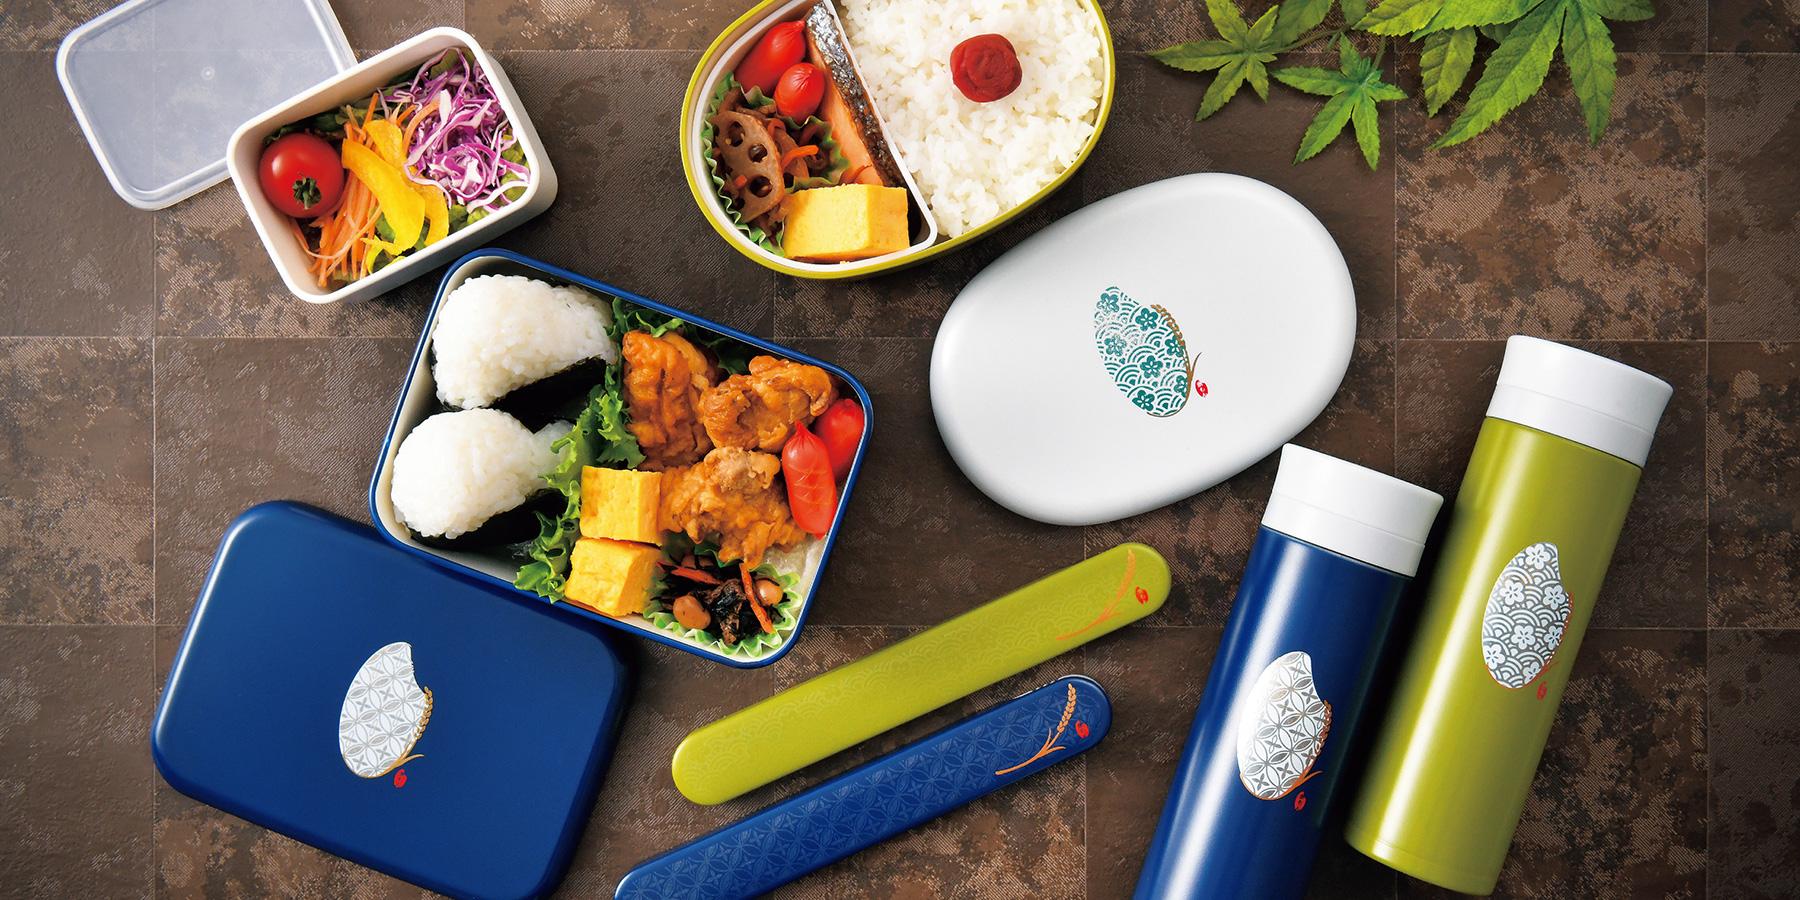 弁当箱 男性 男子 大容量 1段 メンズ レンジ対応 食洗機対応 日本製 米もん 長角一段弁当